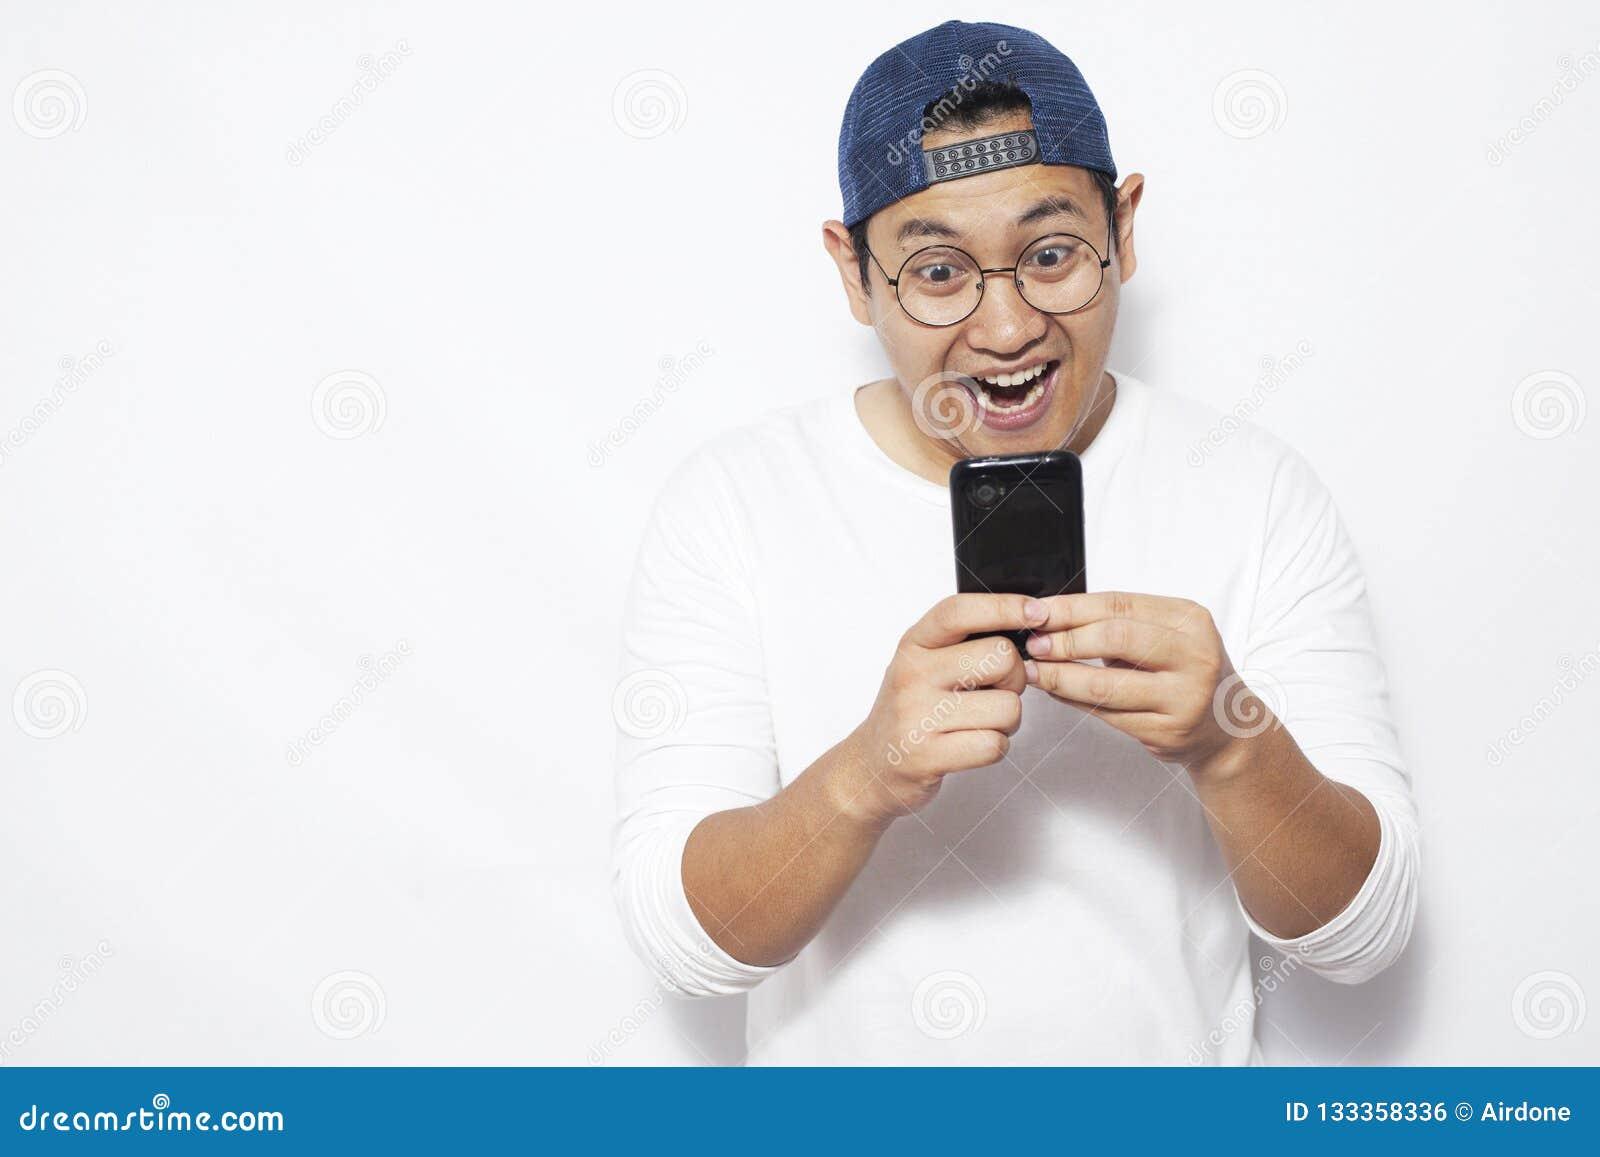 Ανάγνωση Texting νεαρών άνδρων που κουβεντιάζει στο τηλέφωνό του, χαμόγελο ευτυχές